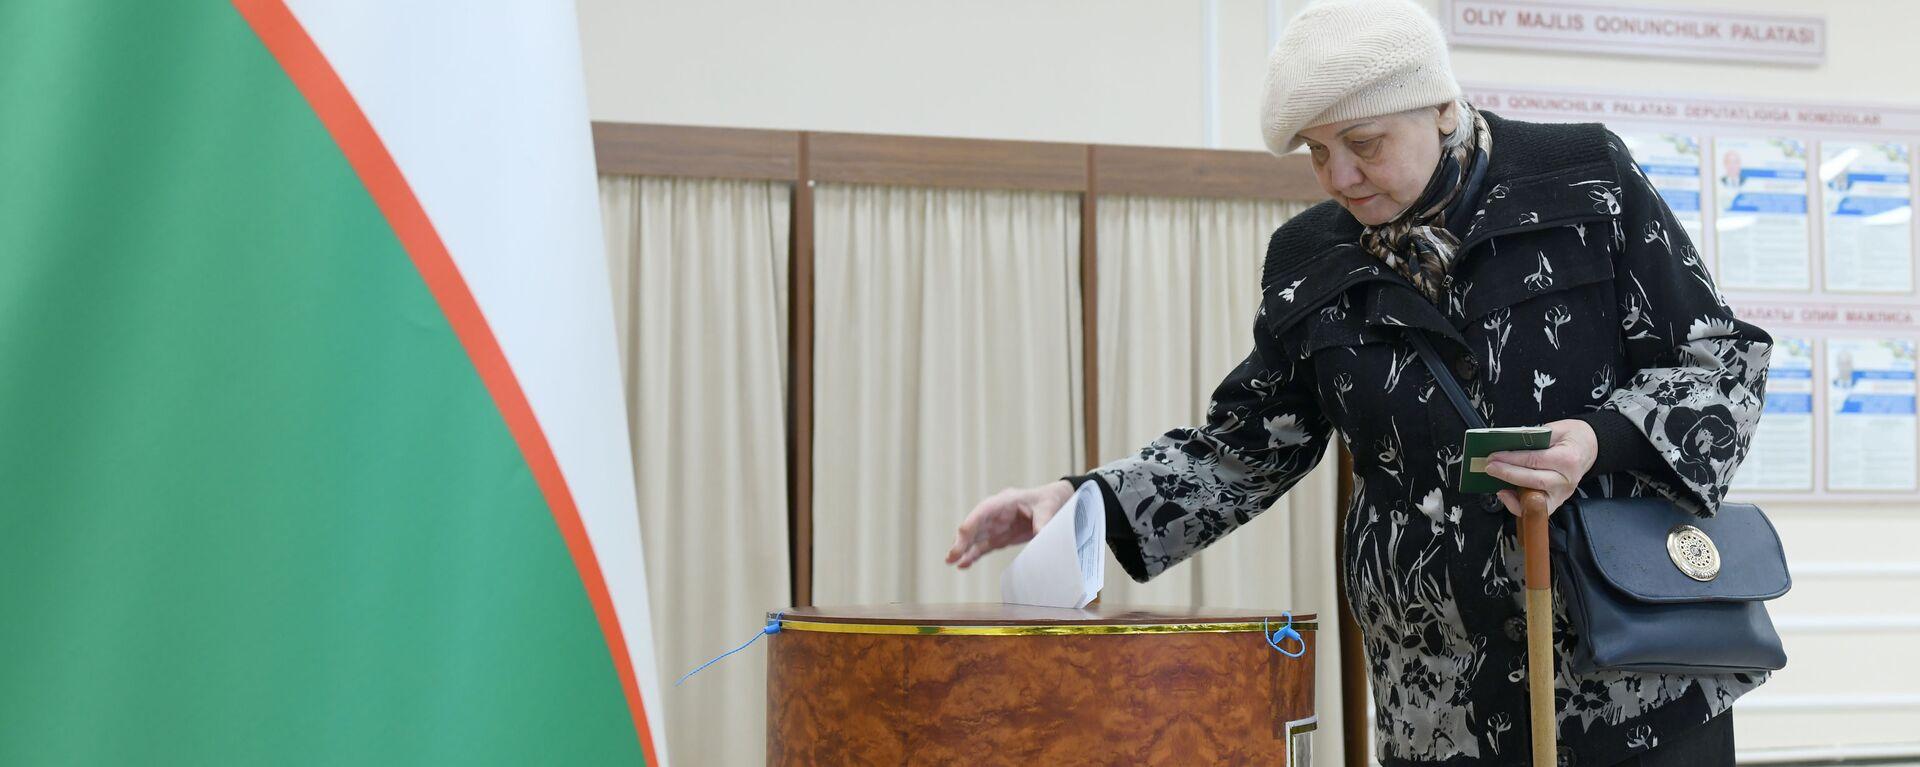 Golosovaniye na parlamentskix vыborax v Uzbekistane - Sputnik Oʻzbekiston, 1920, 06.09.2021